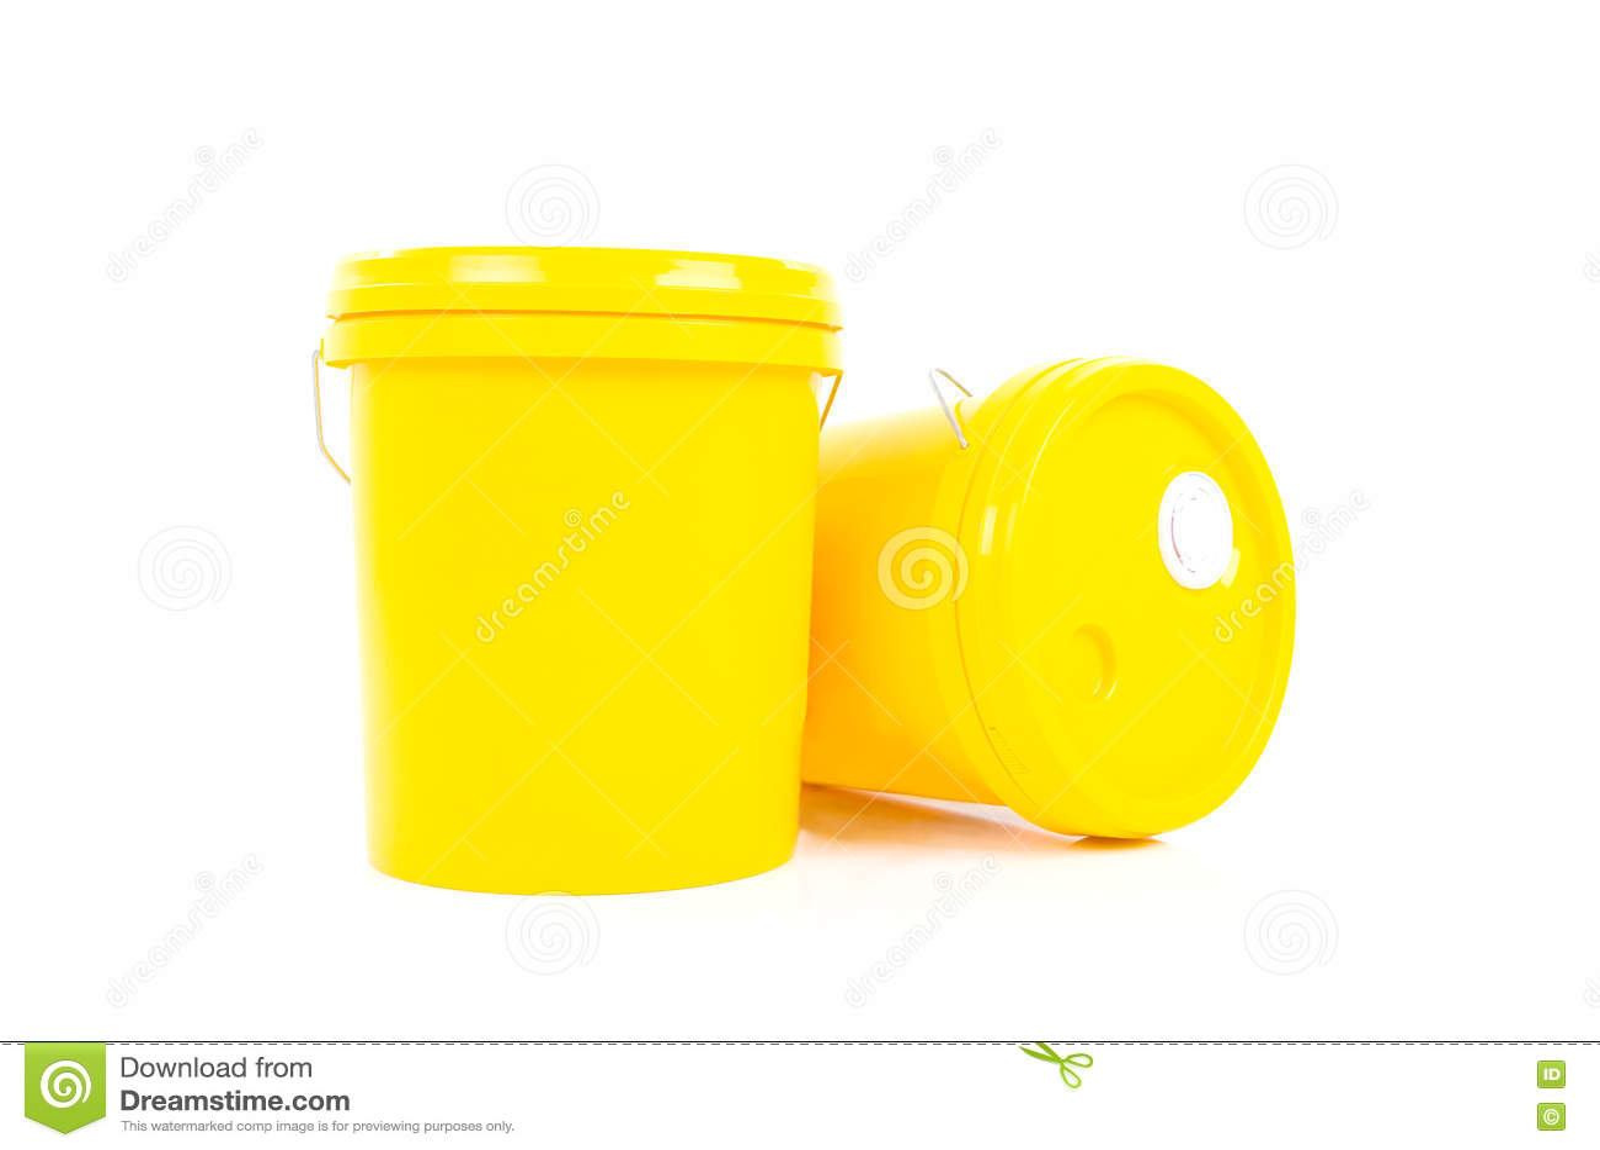 工业油和润滑剂产品